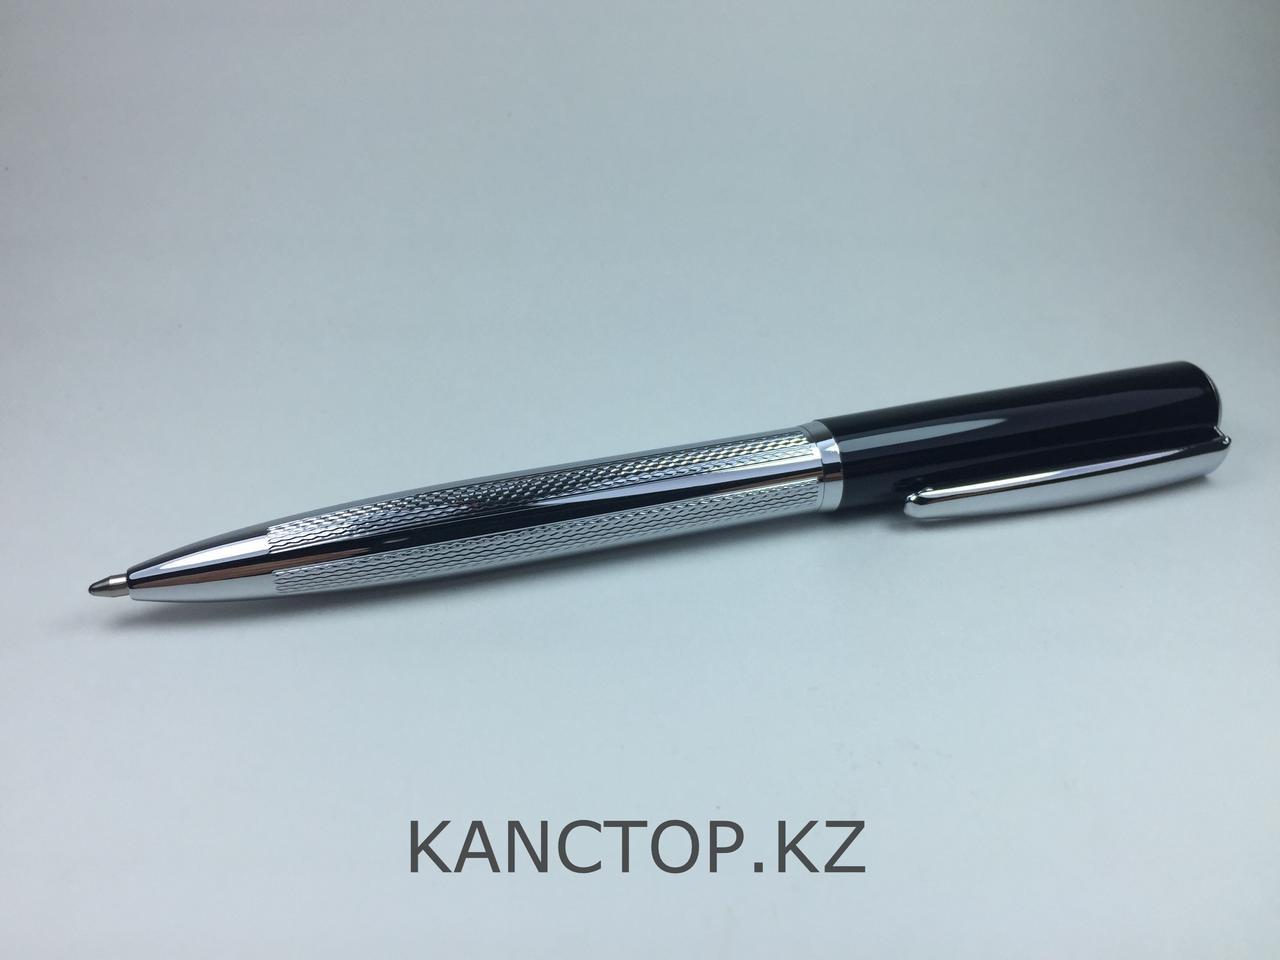 Ручка шариковая подарочная серебристая